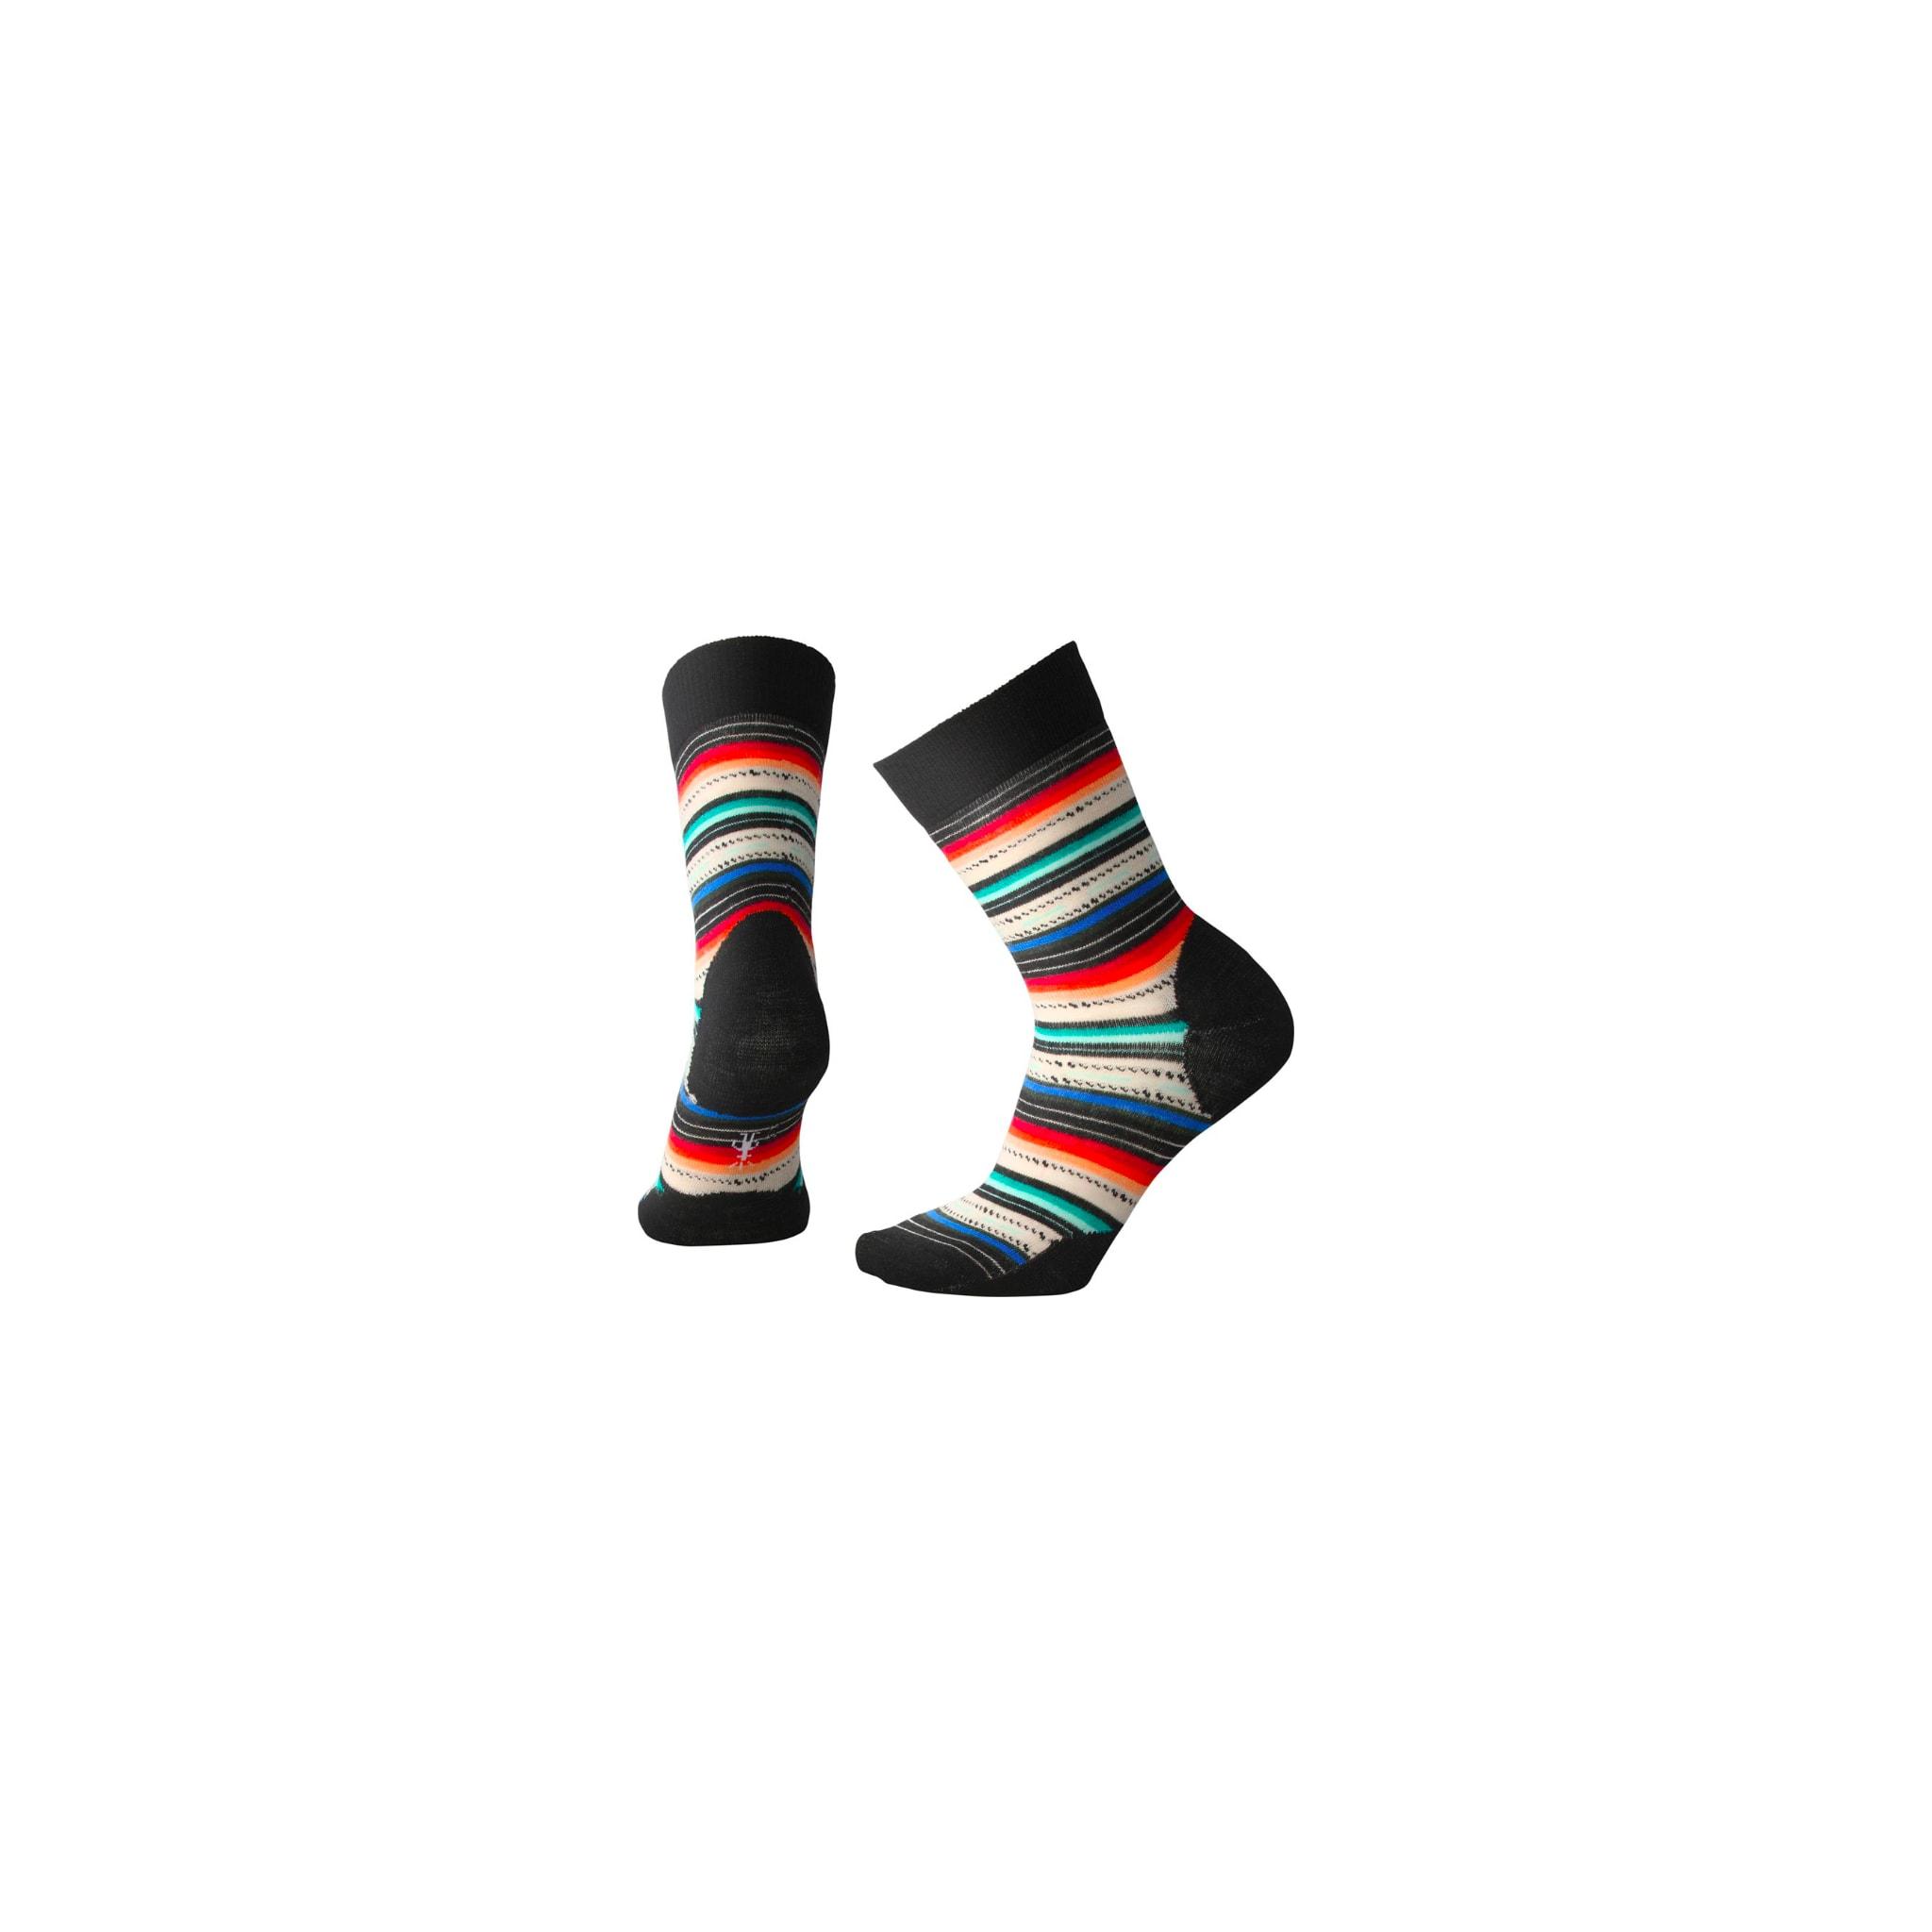 Fargerike sokker til hverdag og fest